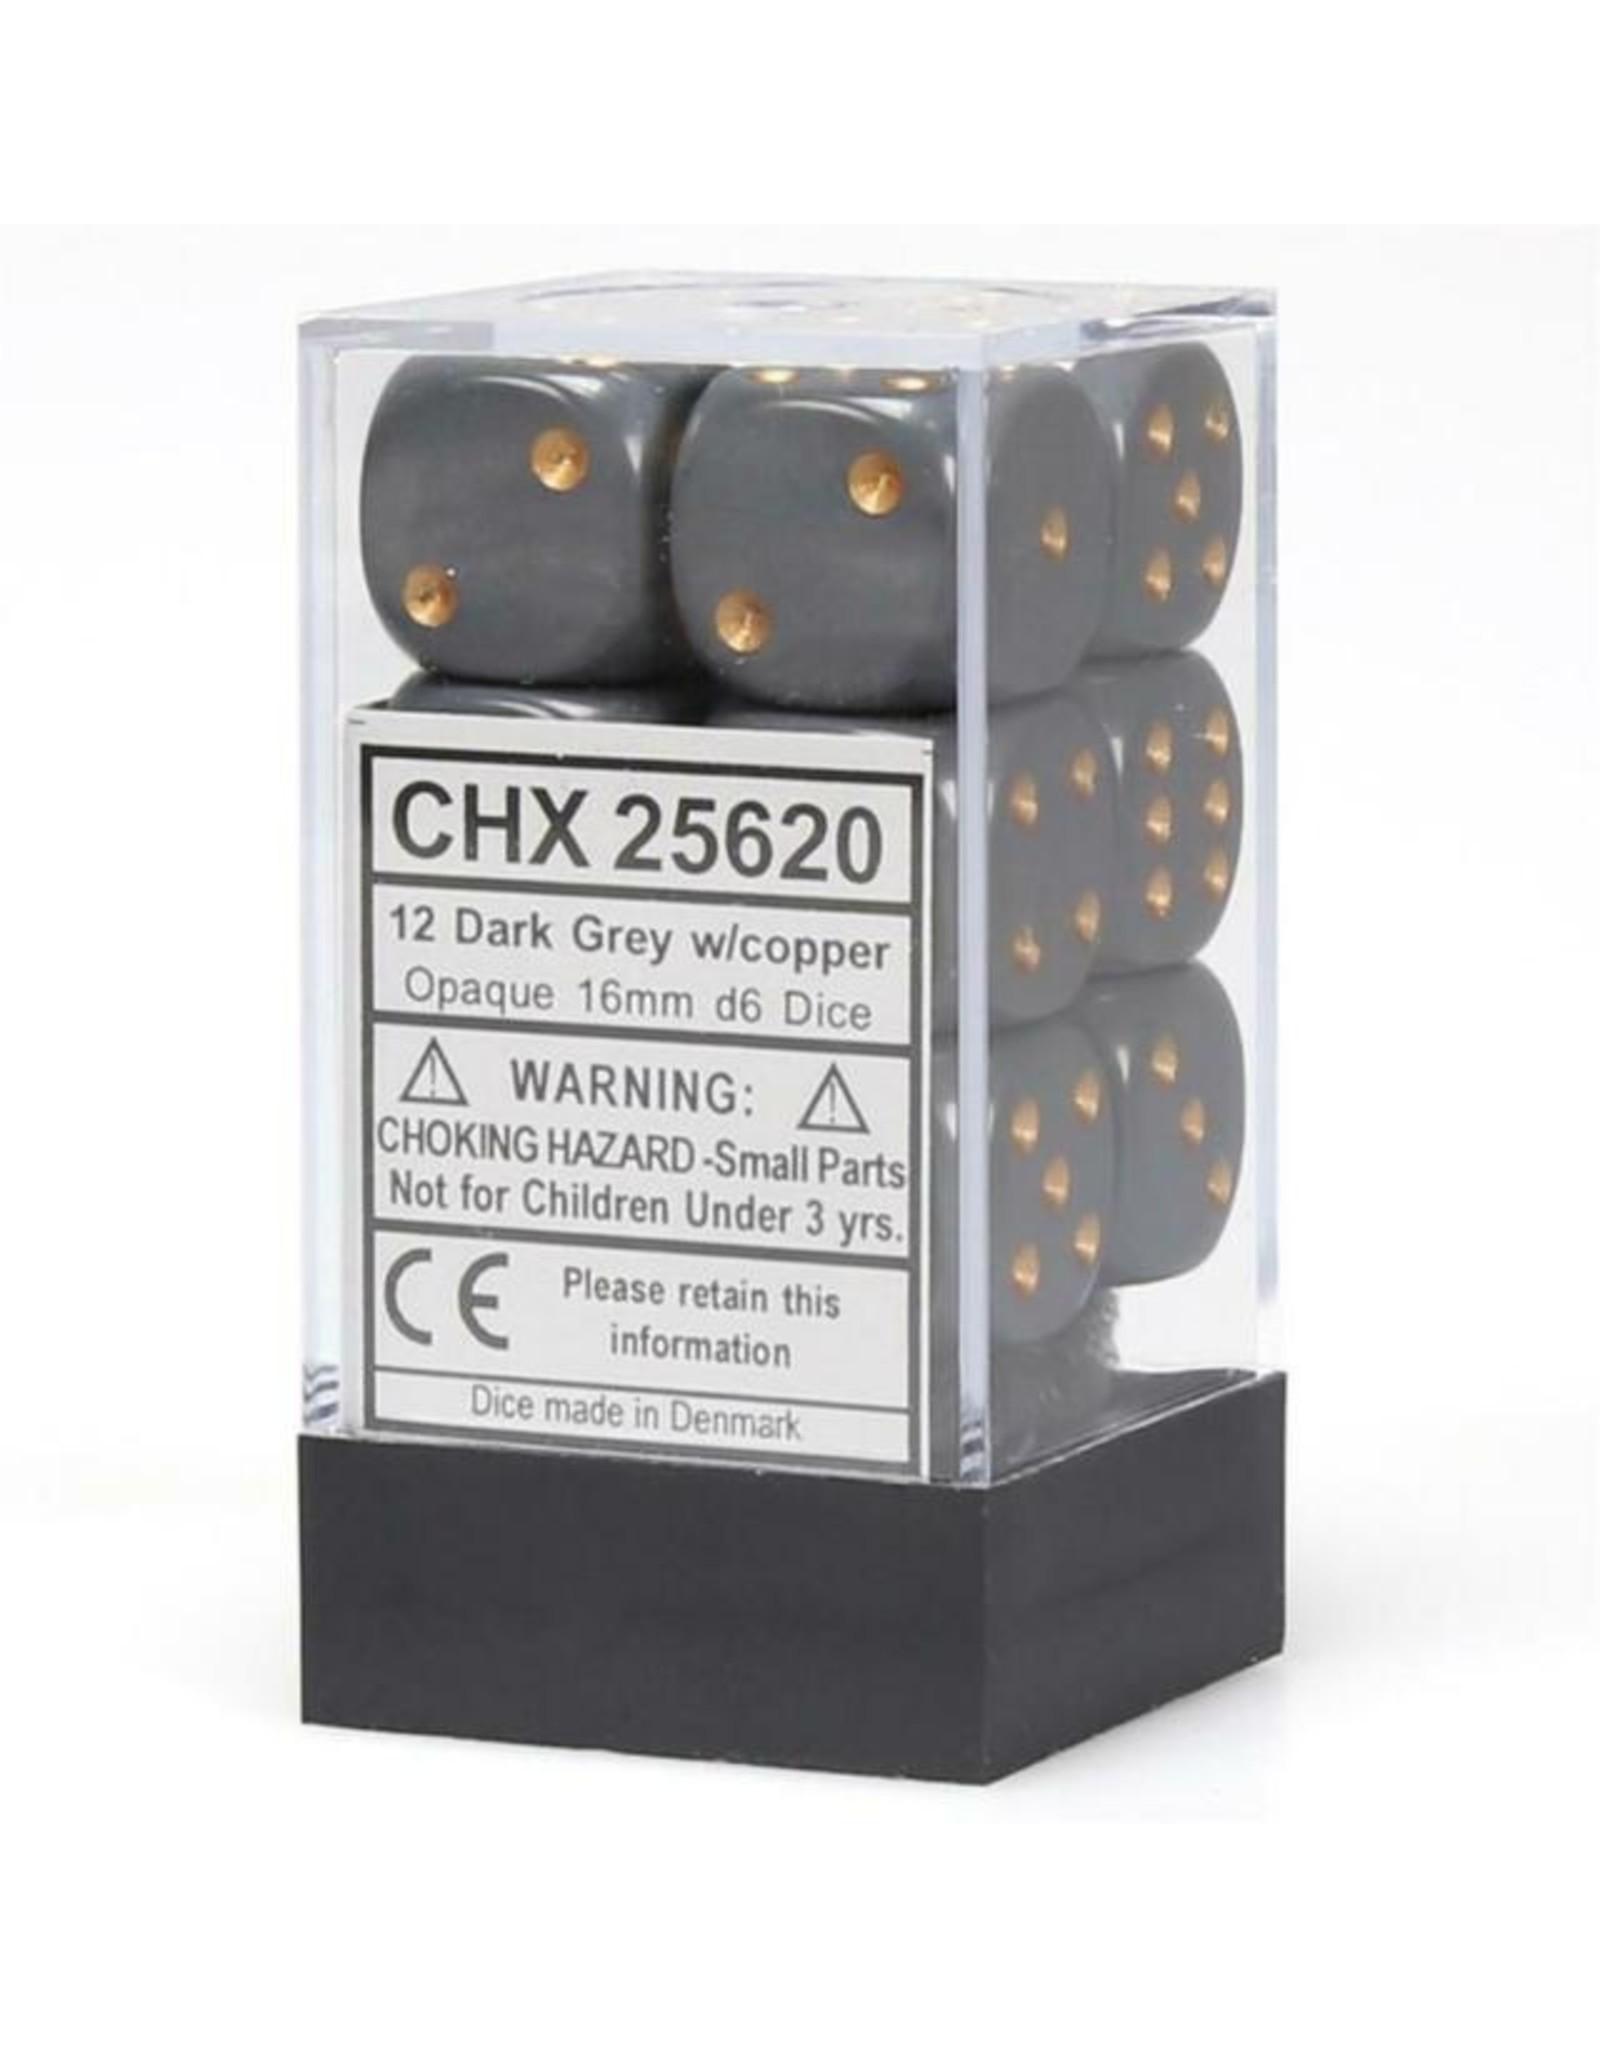 Chessex Opaque Dark Grey w/copper 16mm